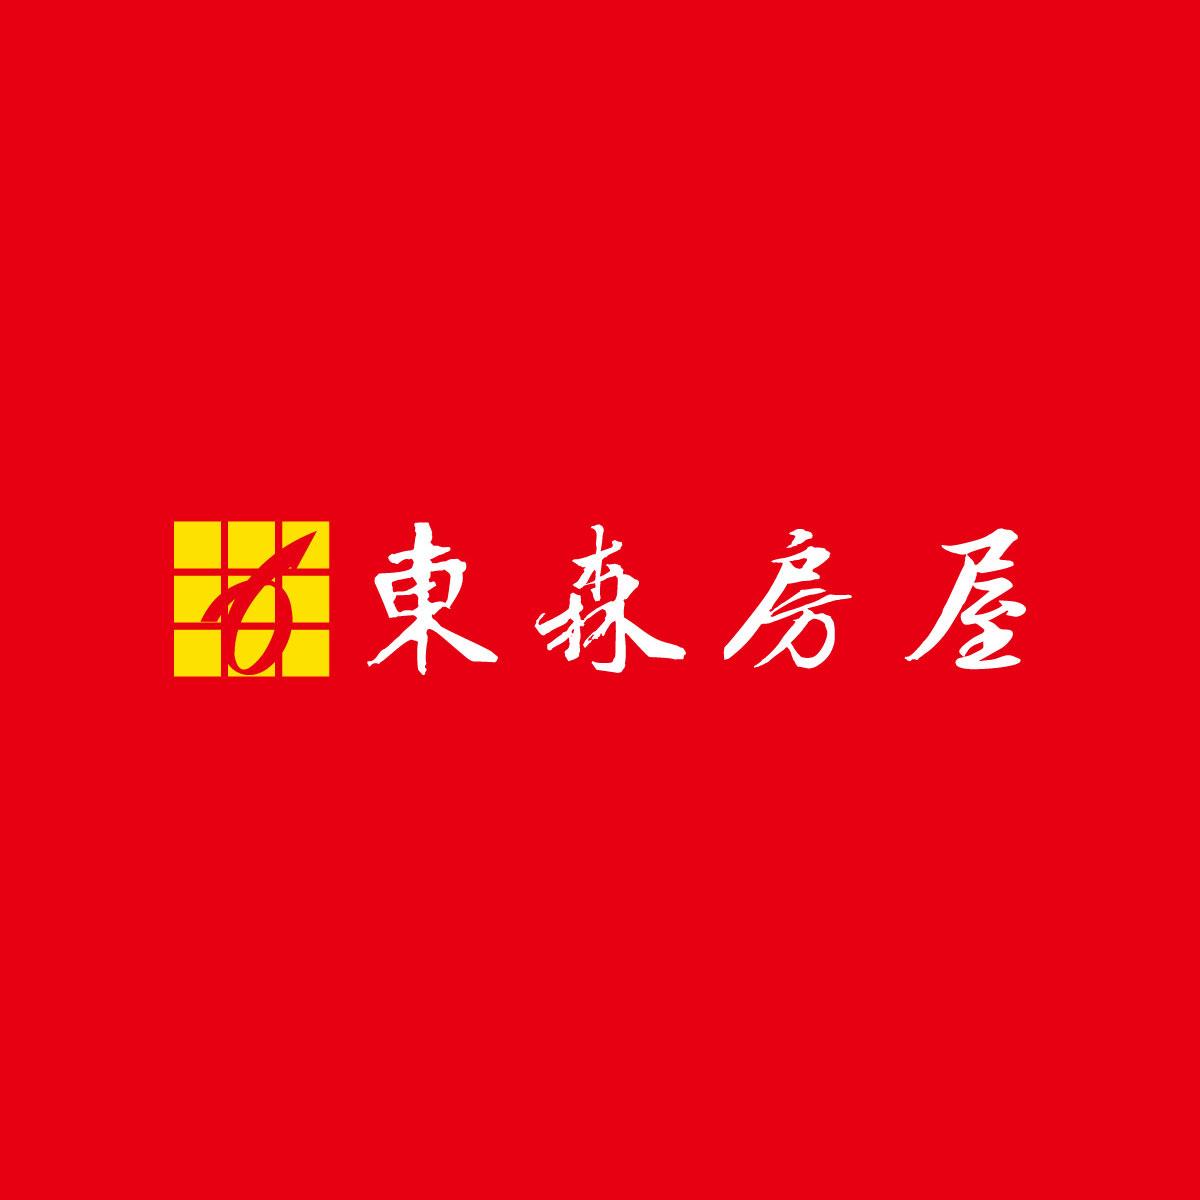 CONES│寇斯_瞳影像團隊_TAIWAN|合作廠商